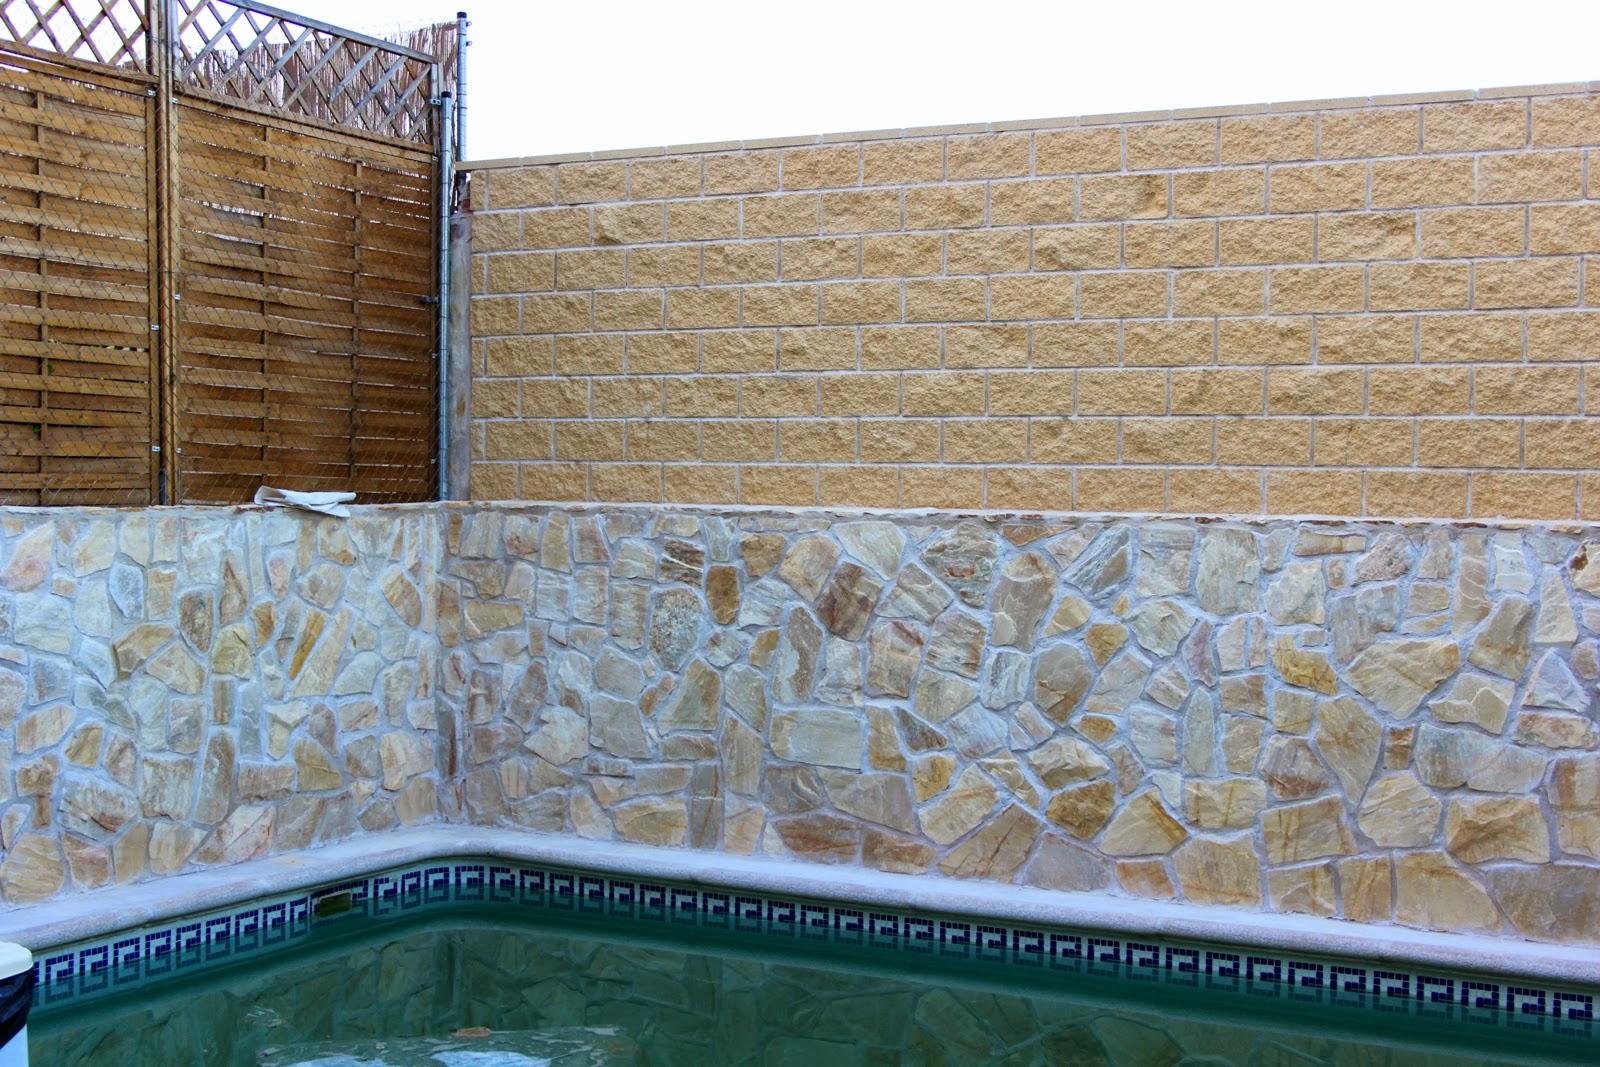 Bloques de hormigon colores la juanita sl materiales de for Hormigon impreso paredes